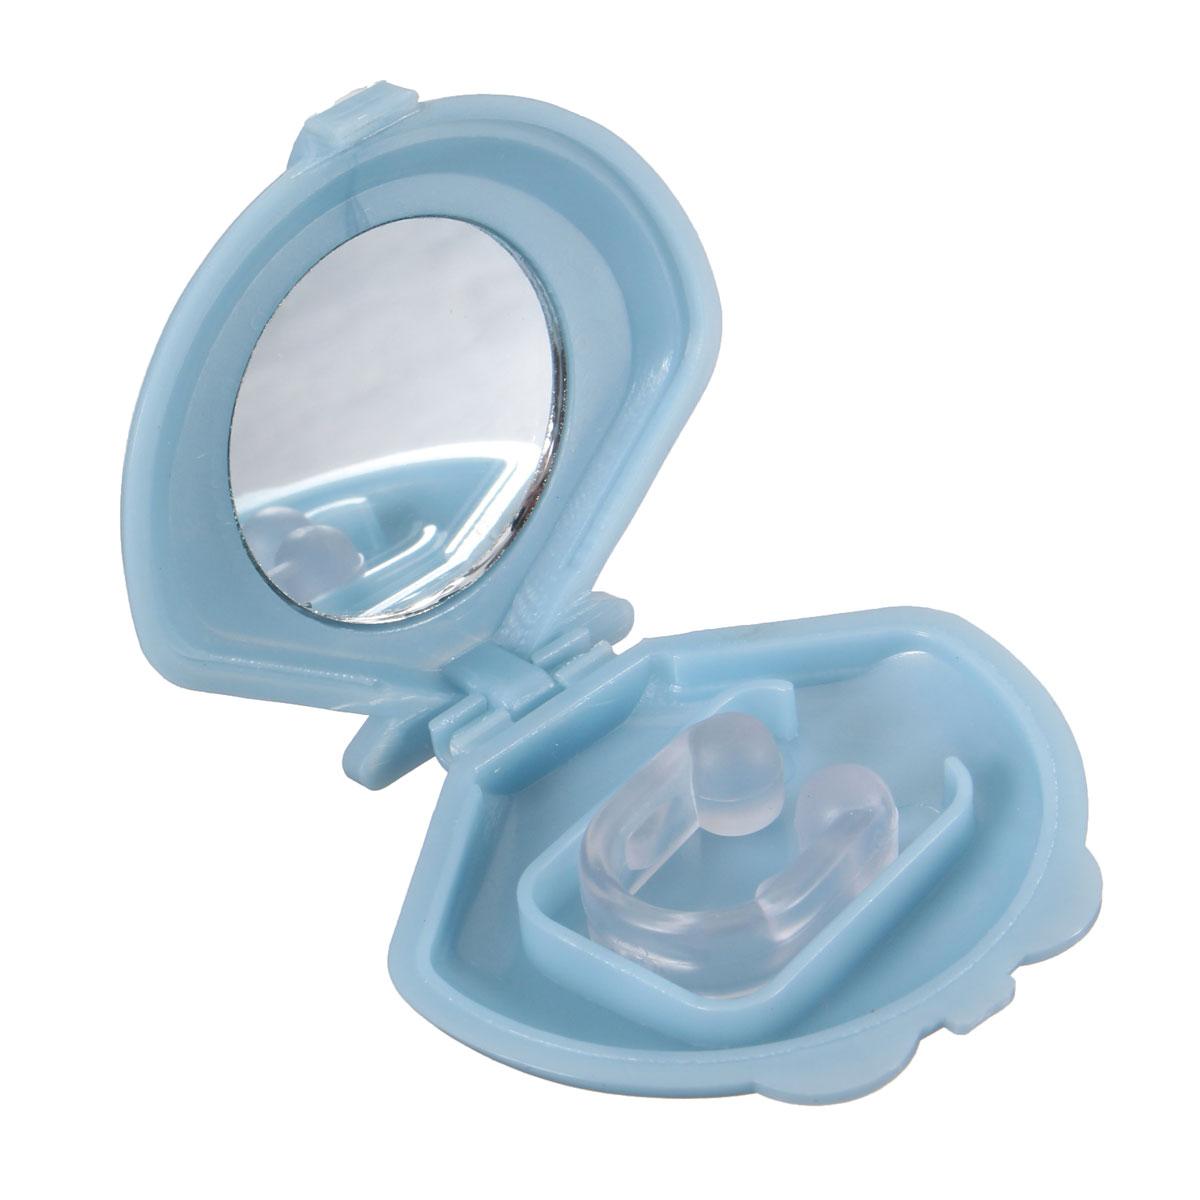 Aide anti ronflement arr t nez sonore pince clip nasal nuit dormir case mir - Coussin anti ronflement ...